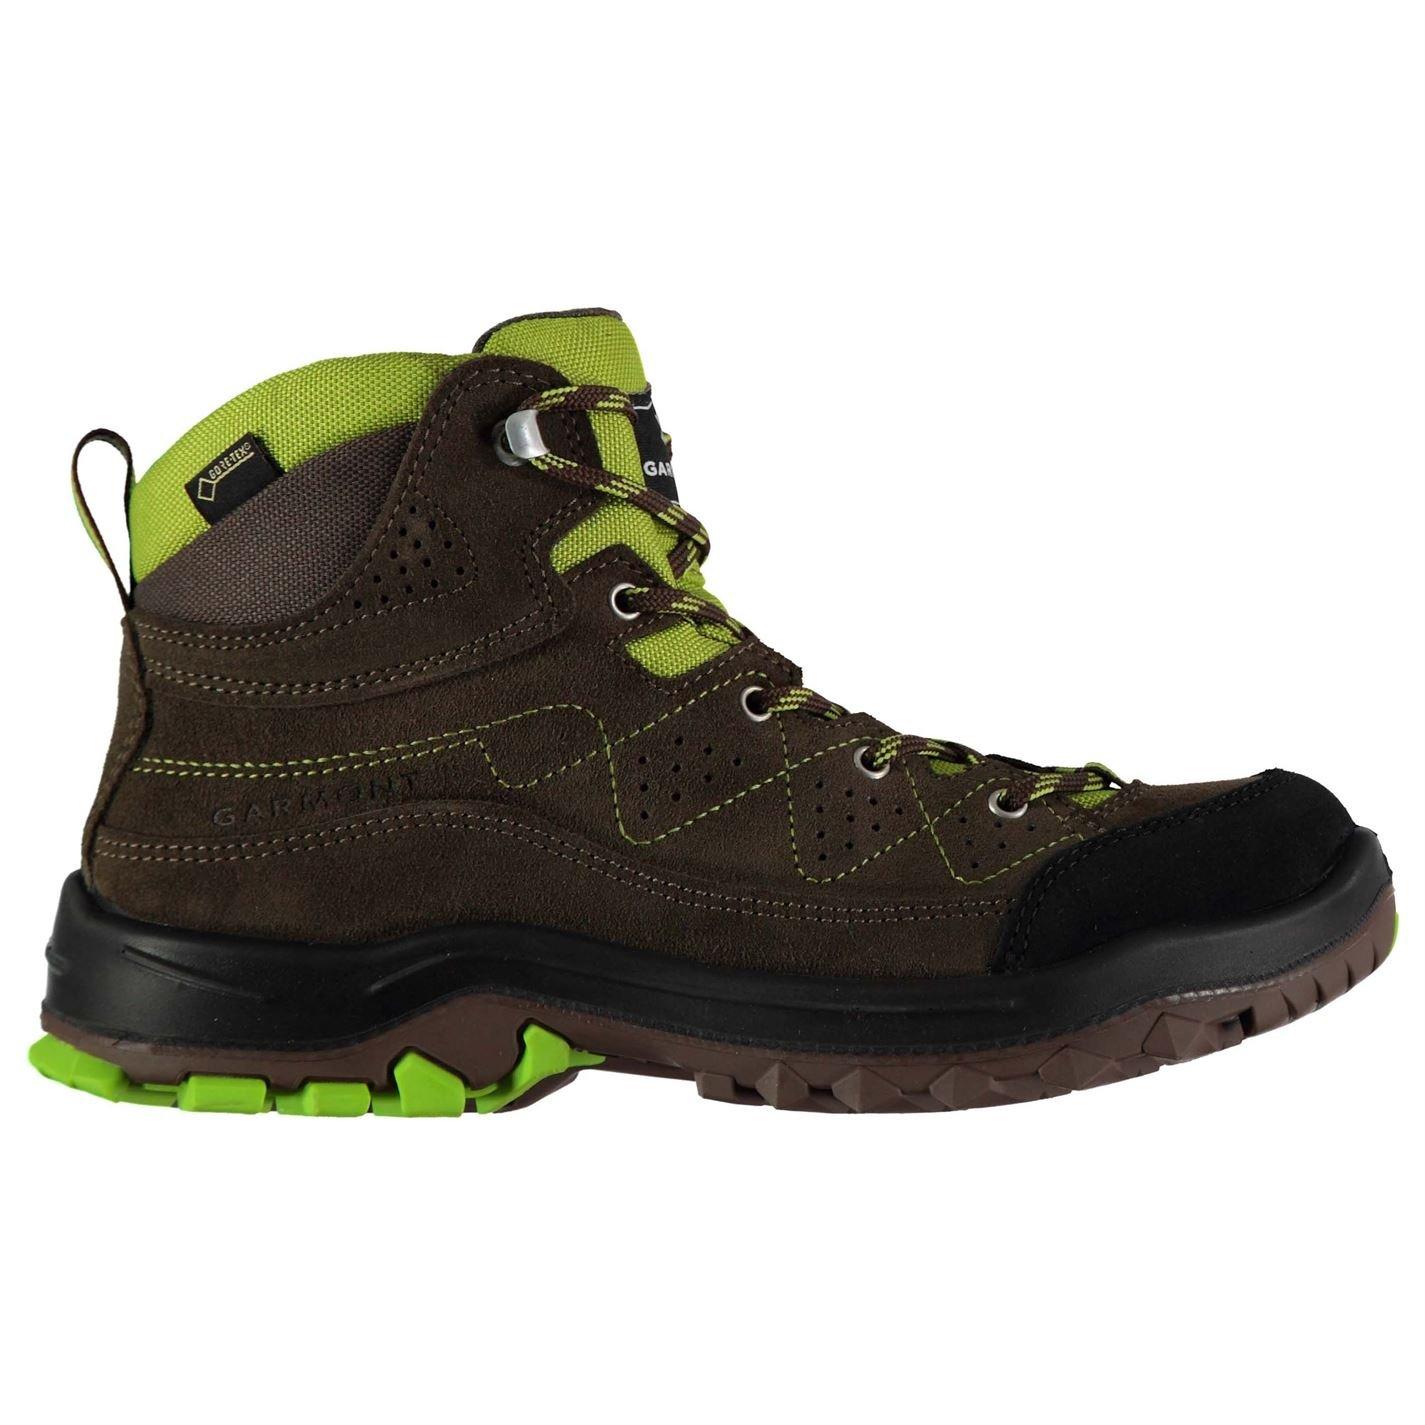 Marron 38 EU Garmont, Chaussures Basses pour Garçon